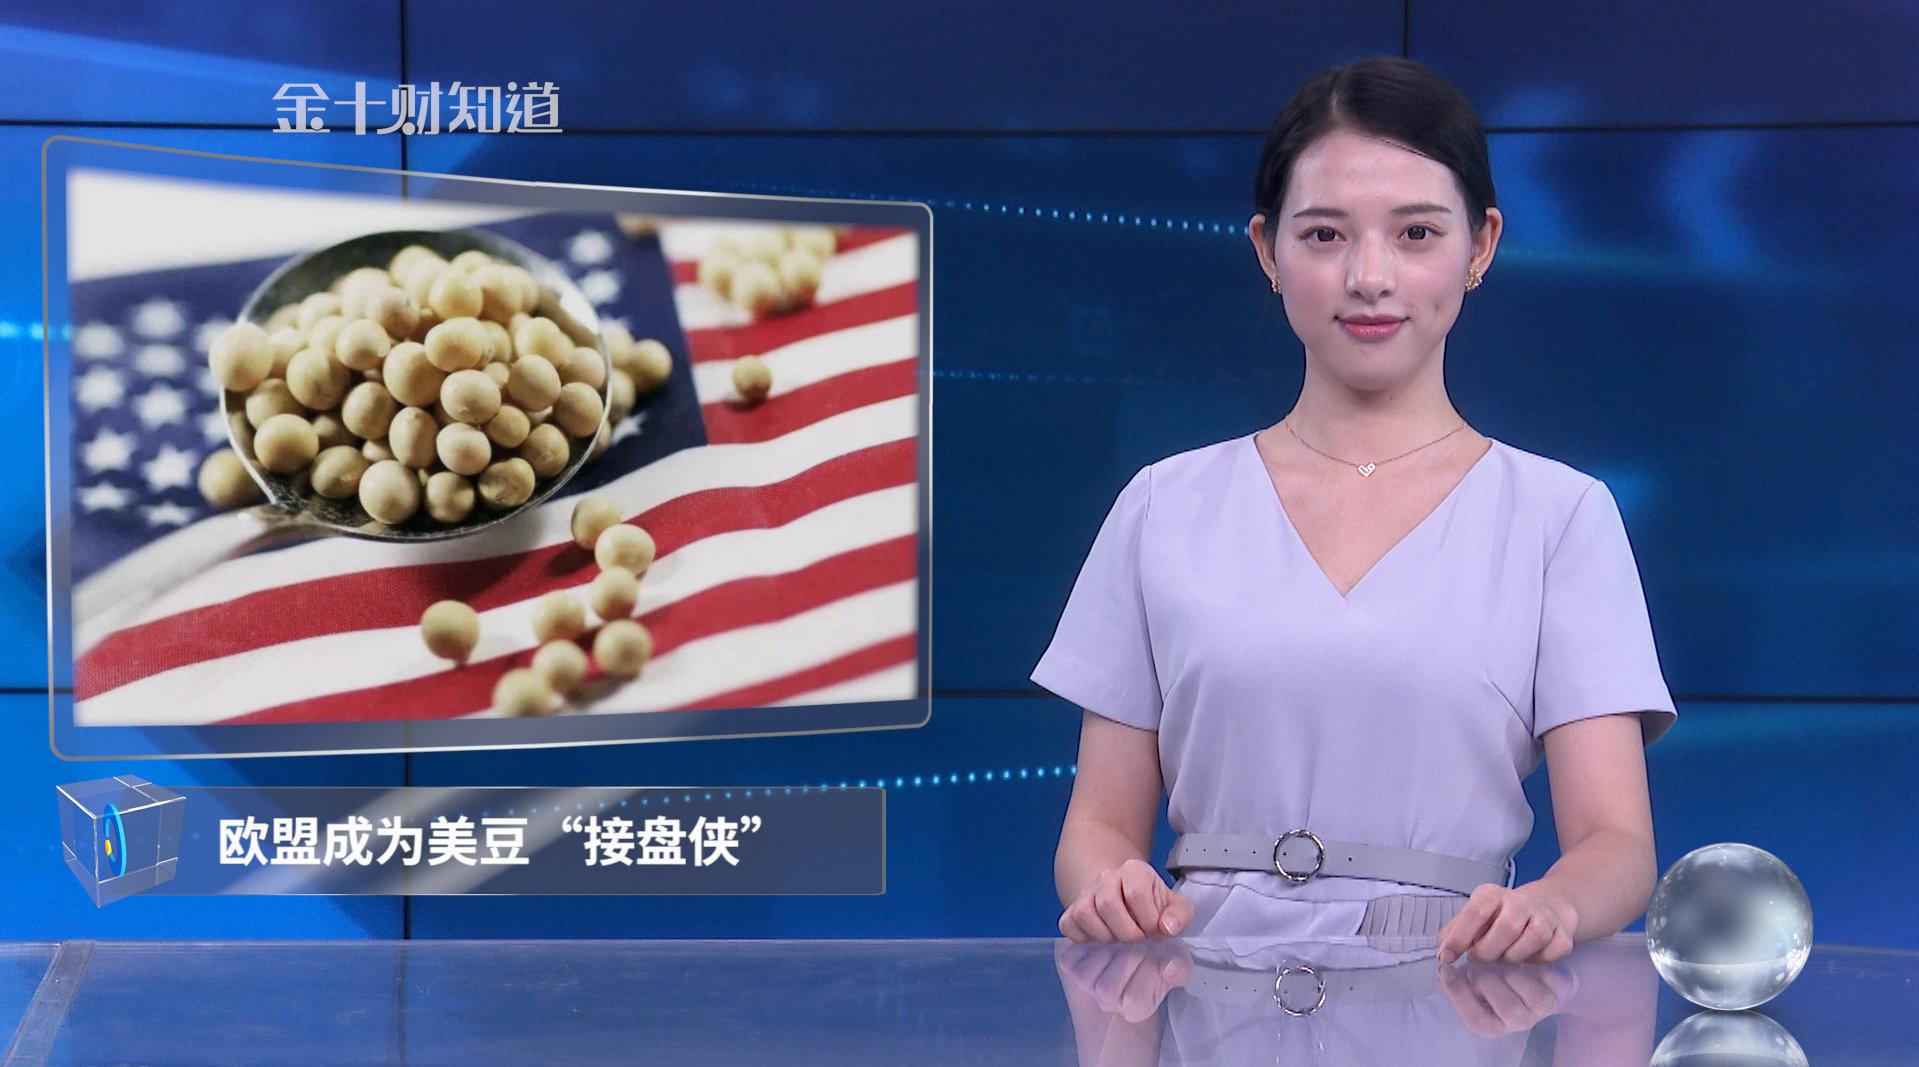 824万吨!欧盟进口大涨121%,美国大豆库存依然高达10亿蒲式耳!